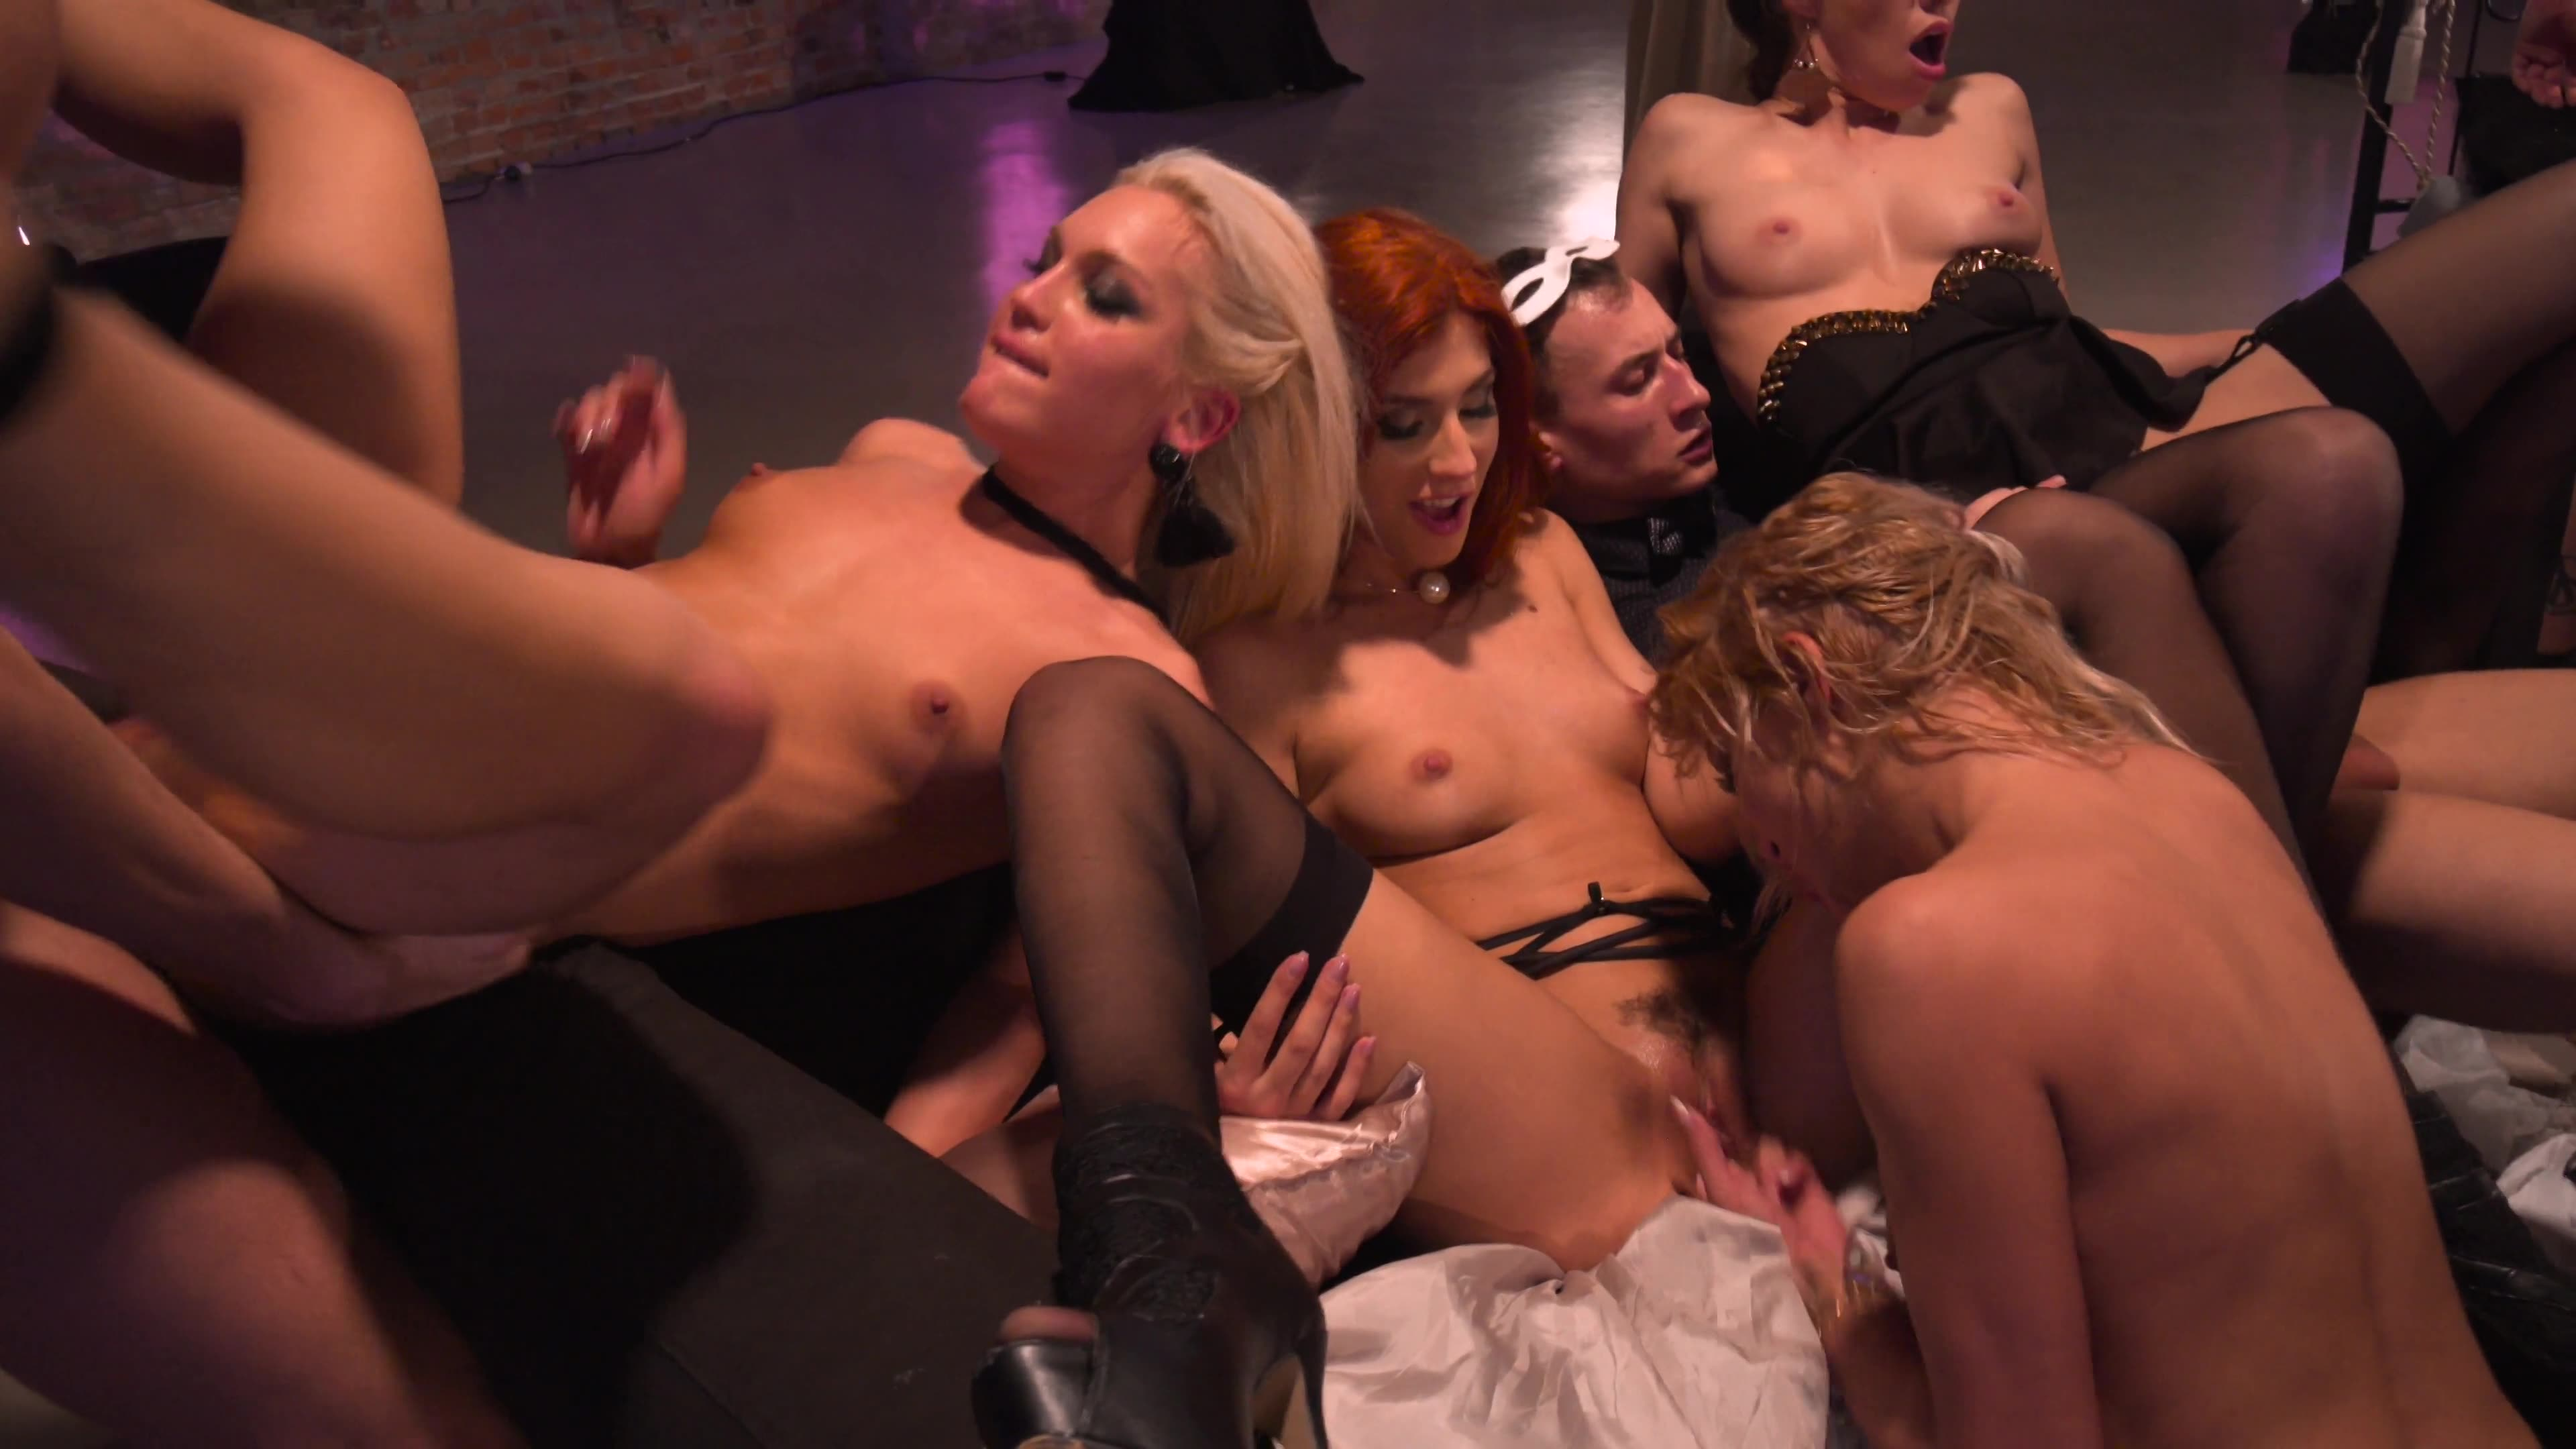 полнометражные фильмы порно тайные желания - 3